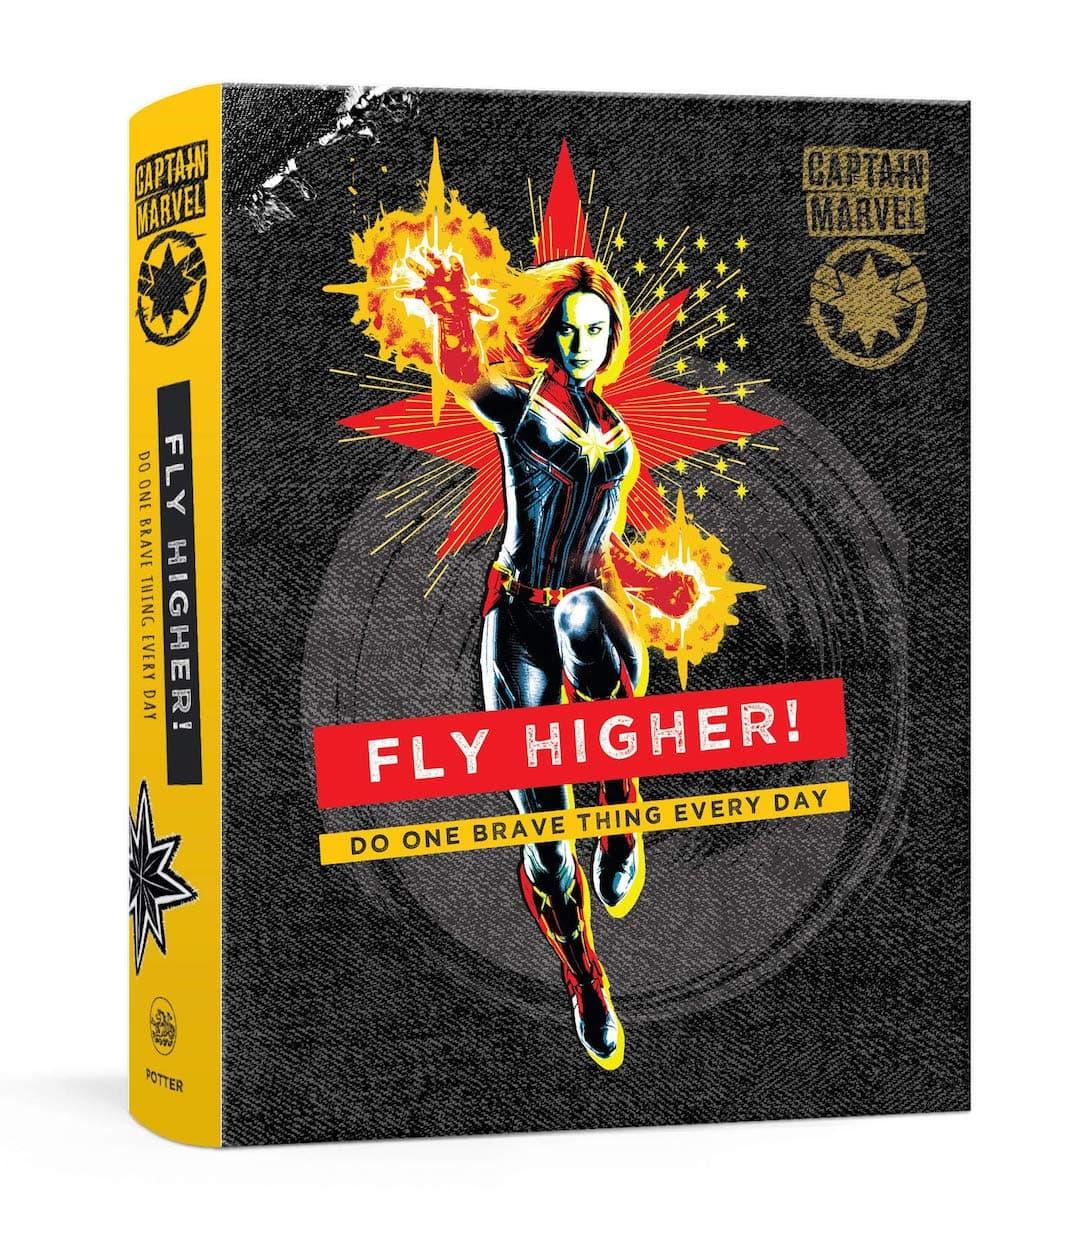 Captain Marvel Journal: Fly Higher!